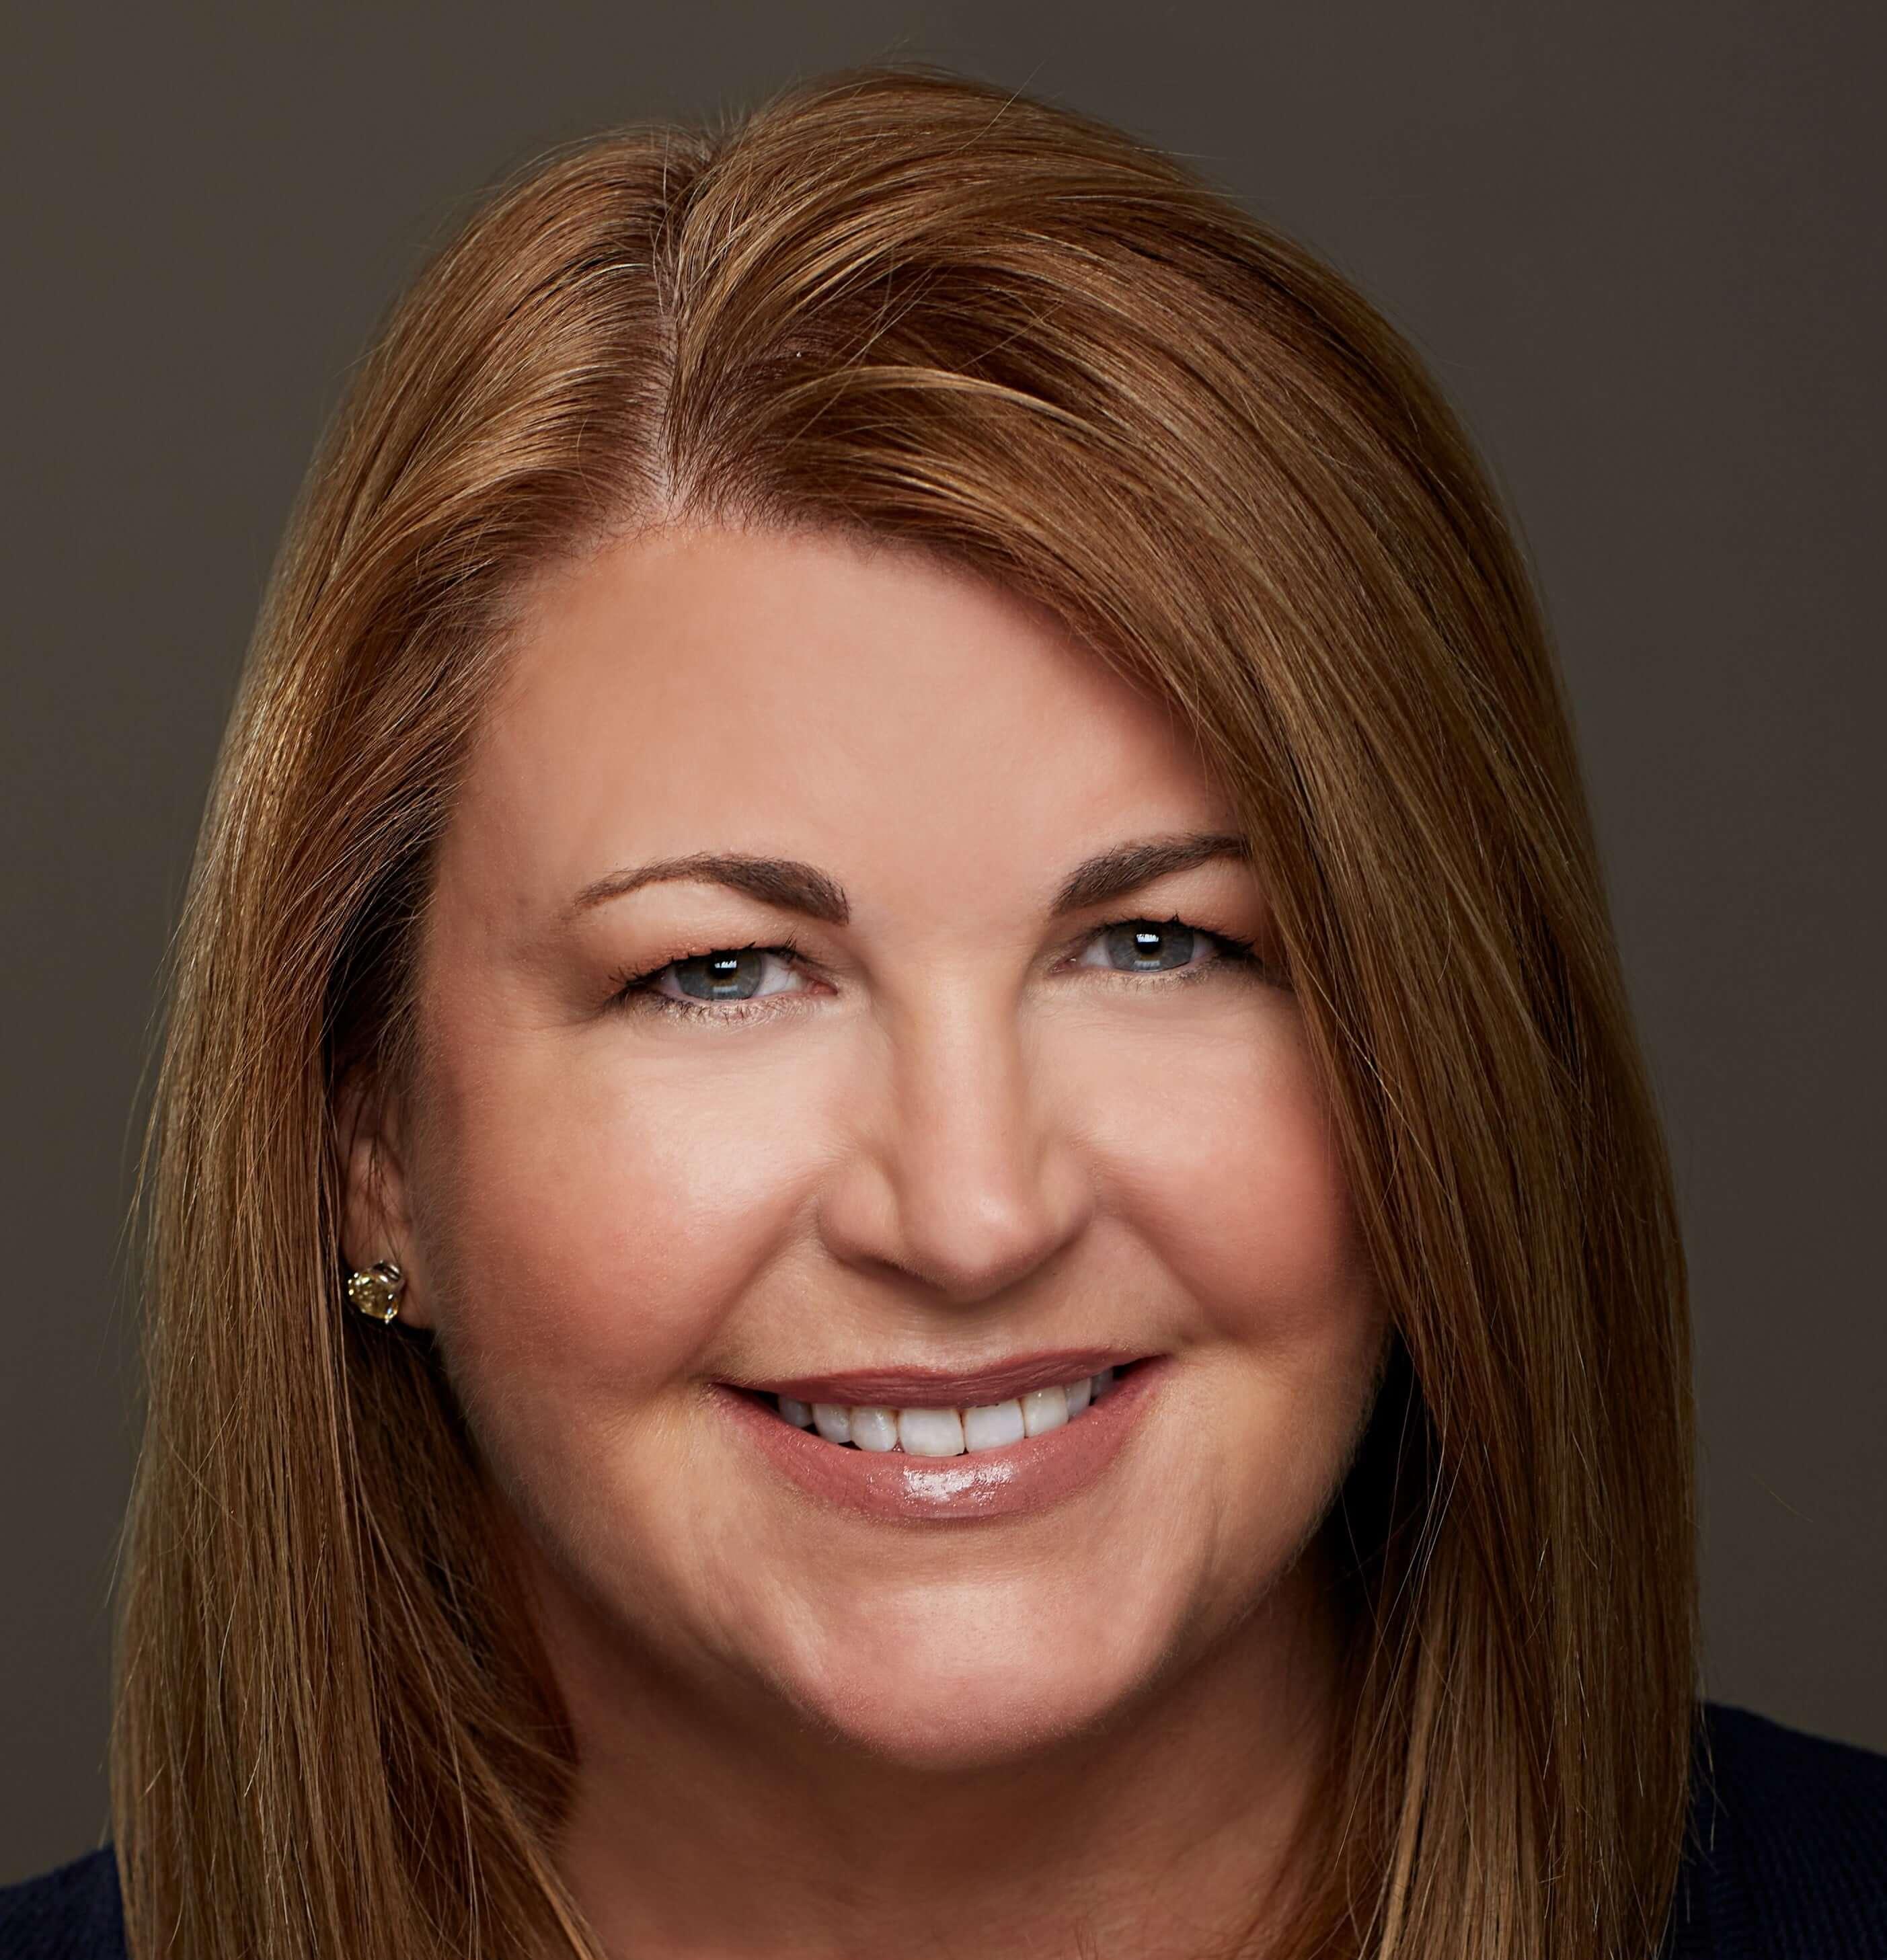 Caroline Amritage Headshot